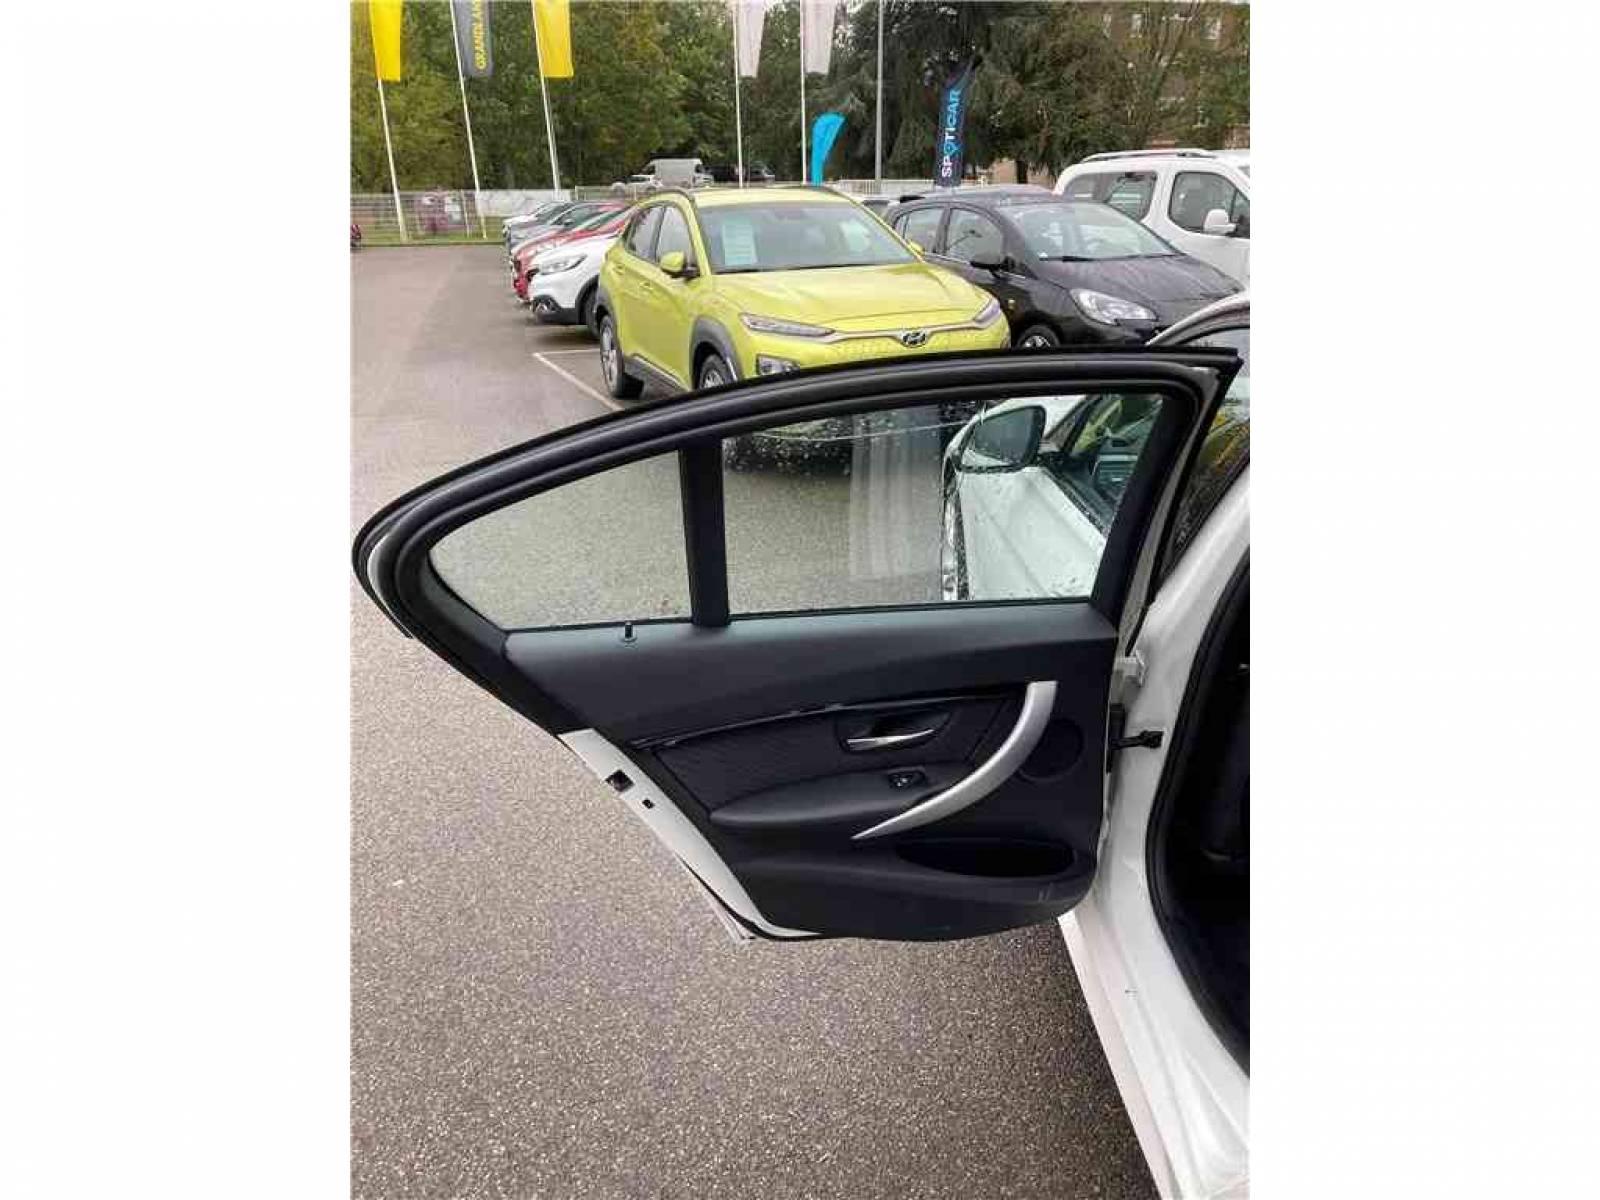 BMW 318d 150 ch BVA8 - véhicule d'occasion - Groupe Guillet - Chalon Automobiles - 71100 - Chalon-sur-Saône - 22